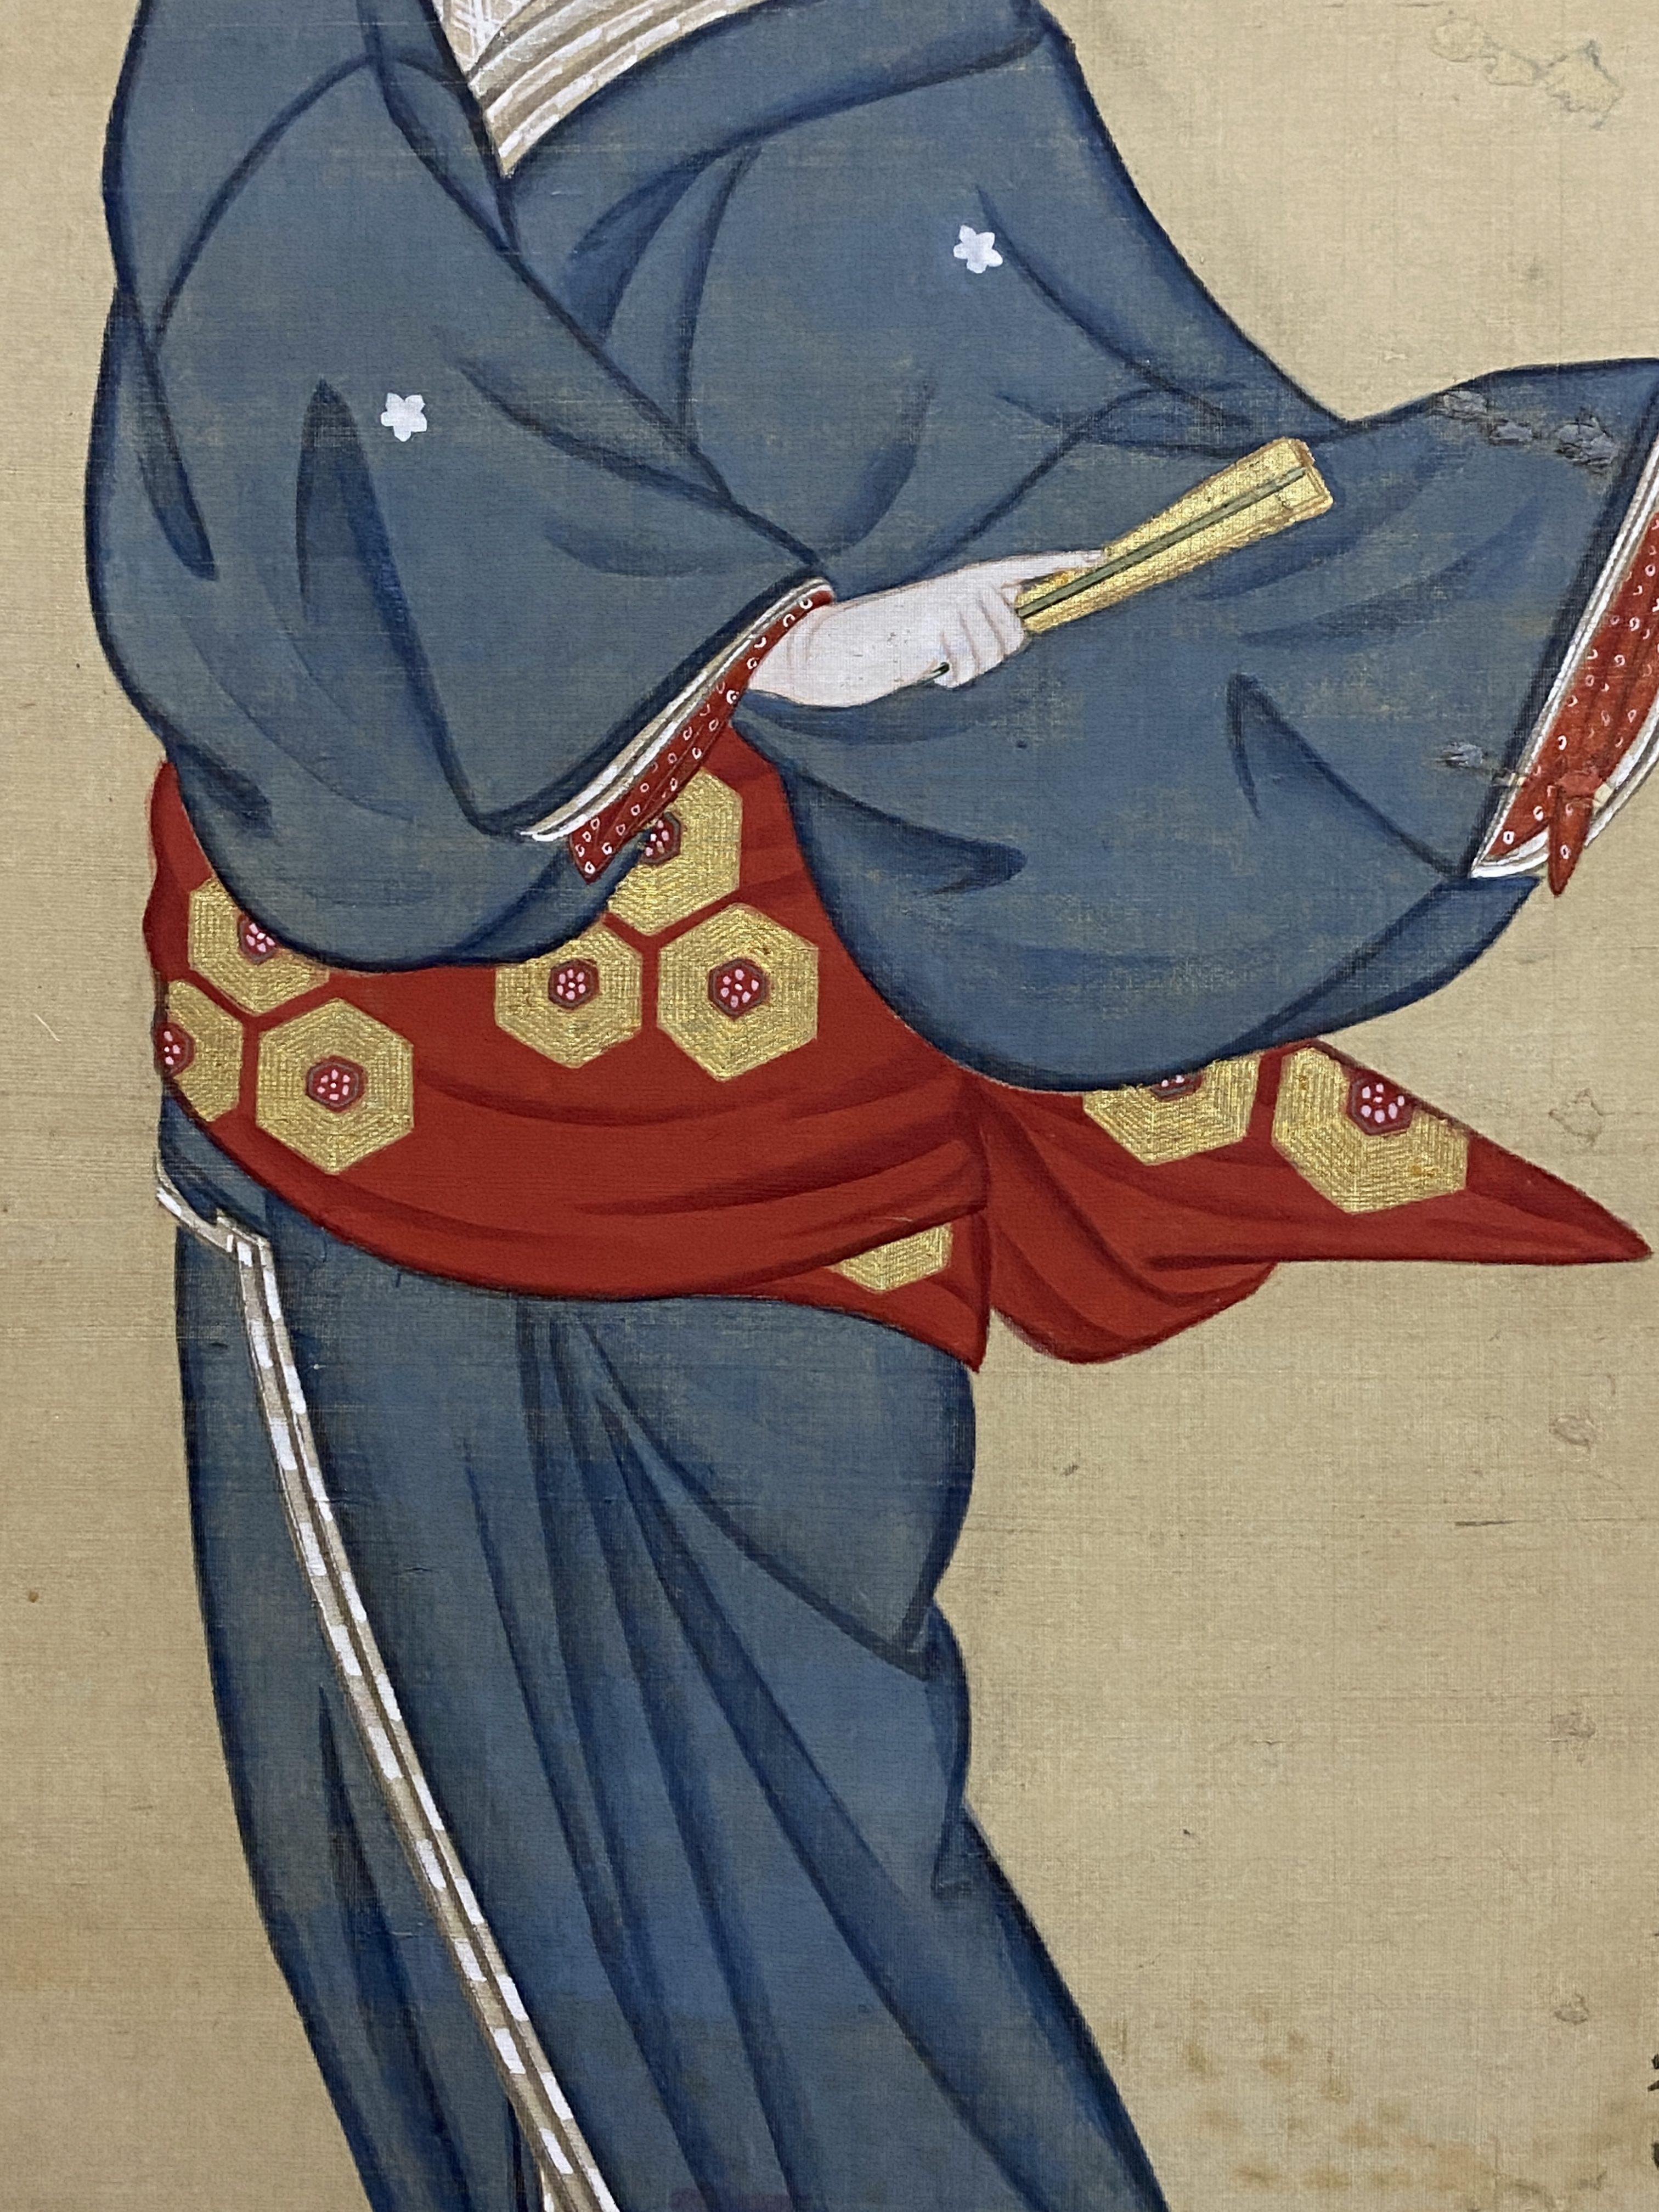 祇園井特筆 舞妓図